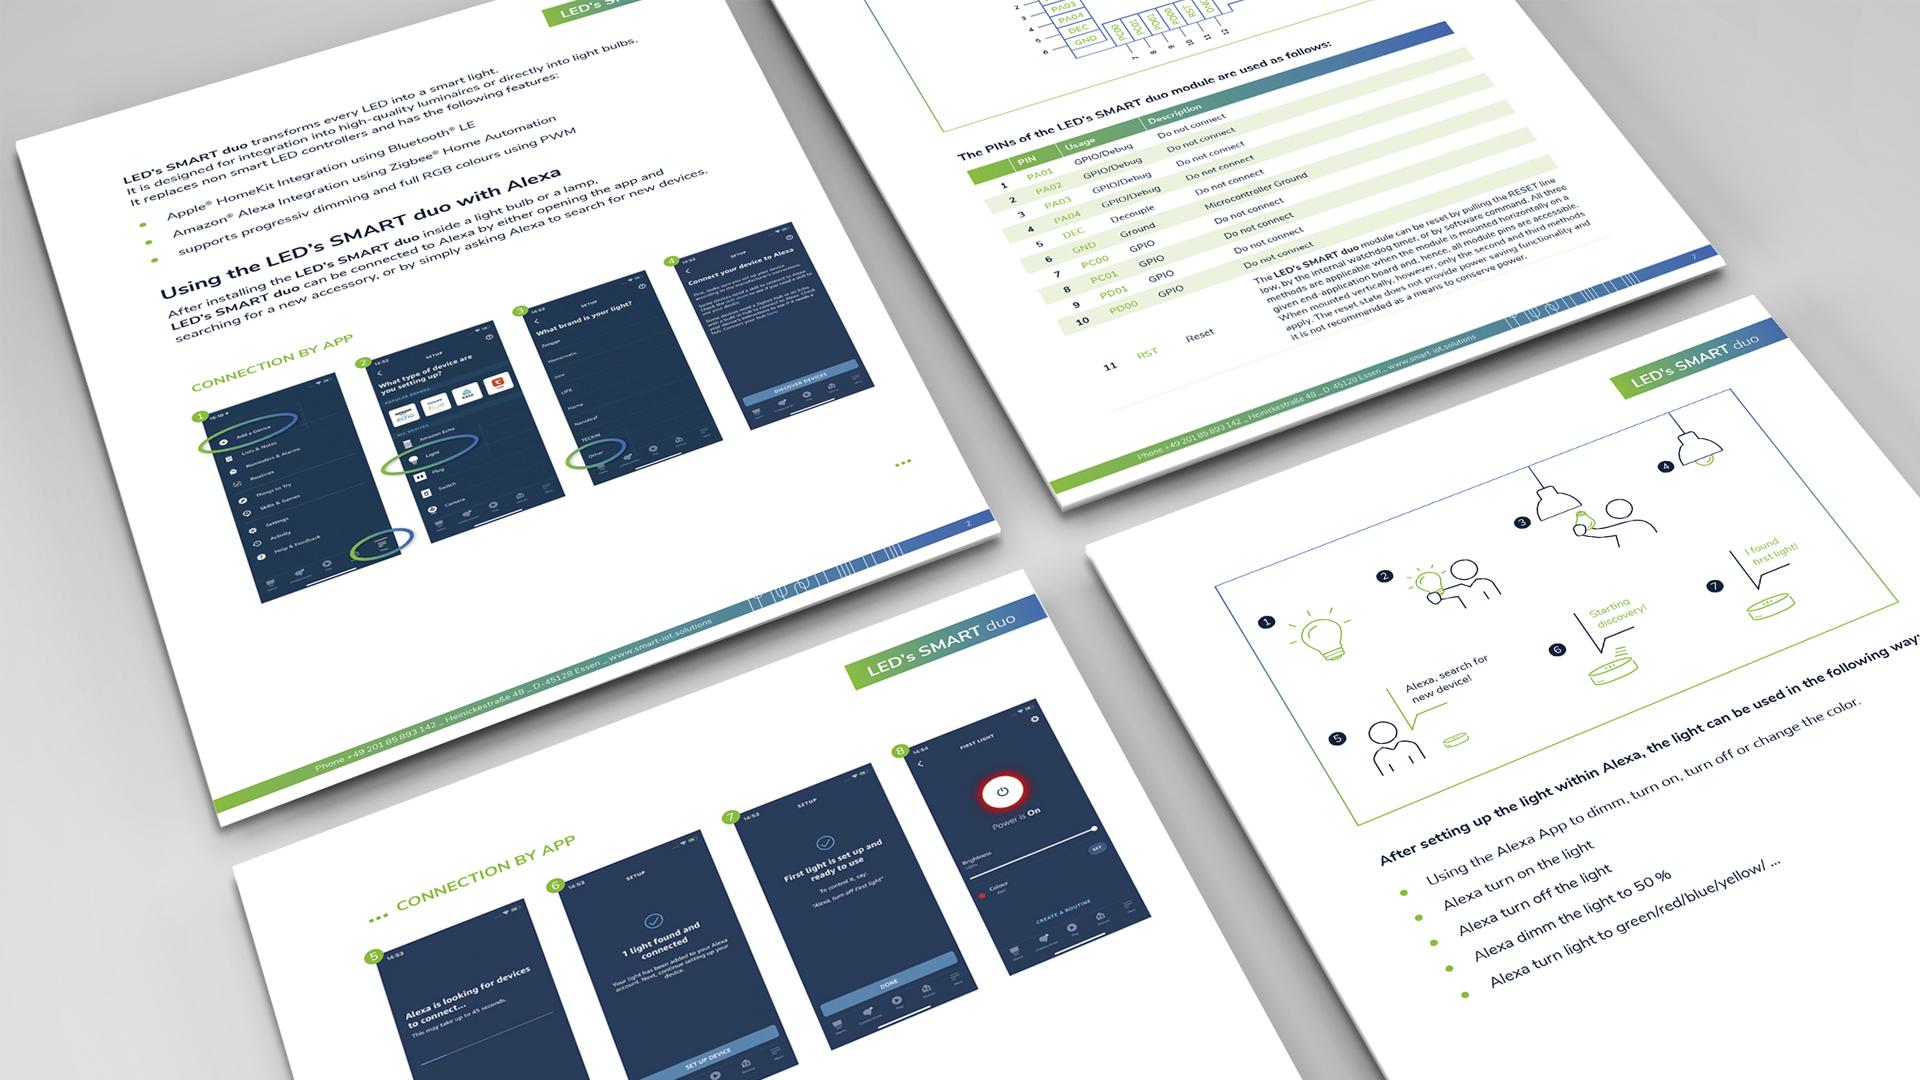 Markenentwicklung – Brand Design für smarte Lampensteuerung, Factsheet